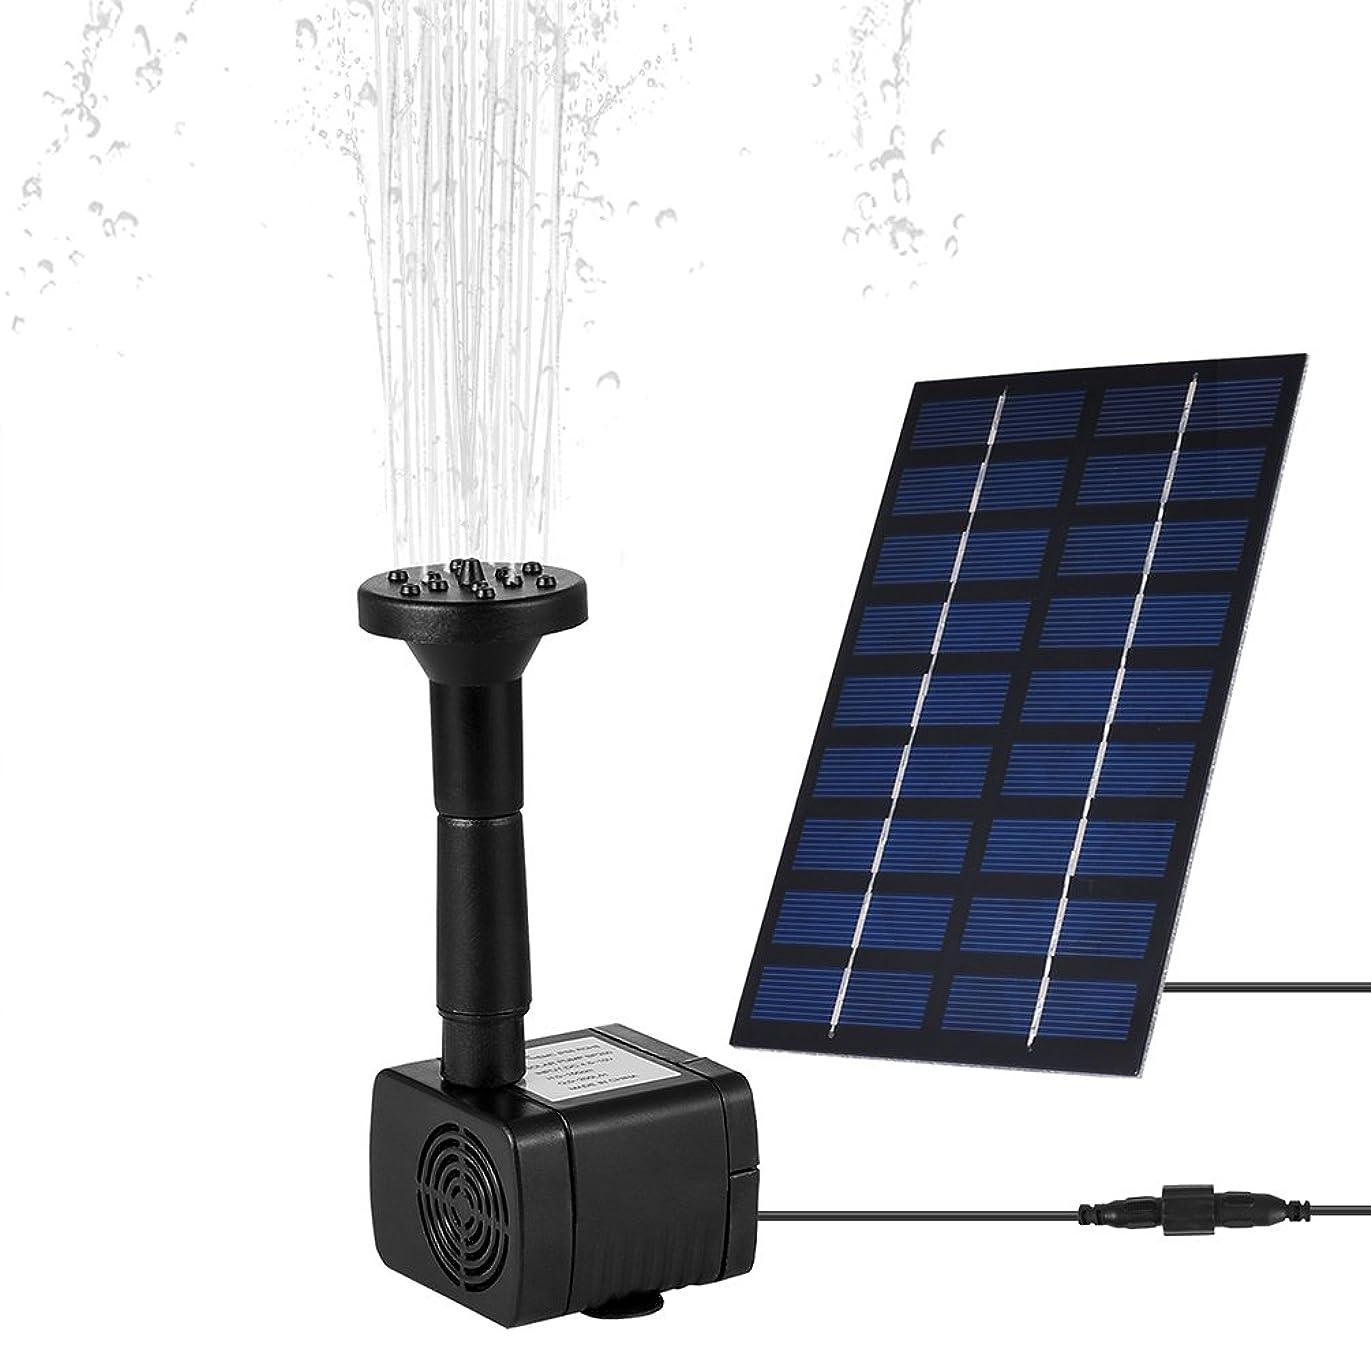 ホップ冷蔵庫ホイットニーLEDGLE ソーラーミニ噴水 1.8W ソーラー池ポンプ 庭の噴水用 省エネ 池ポンプ 吐出量150 L/h